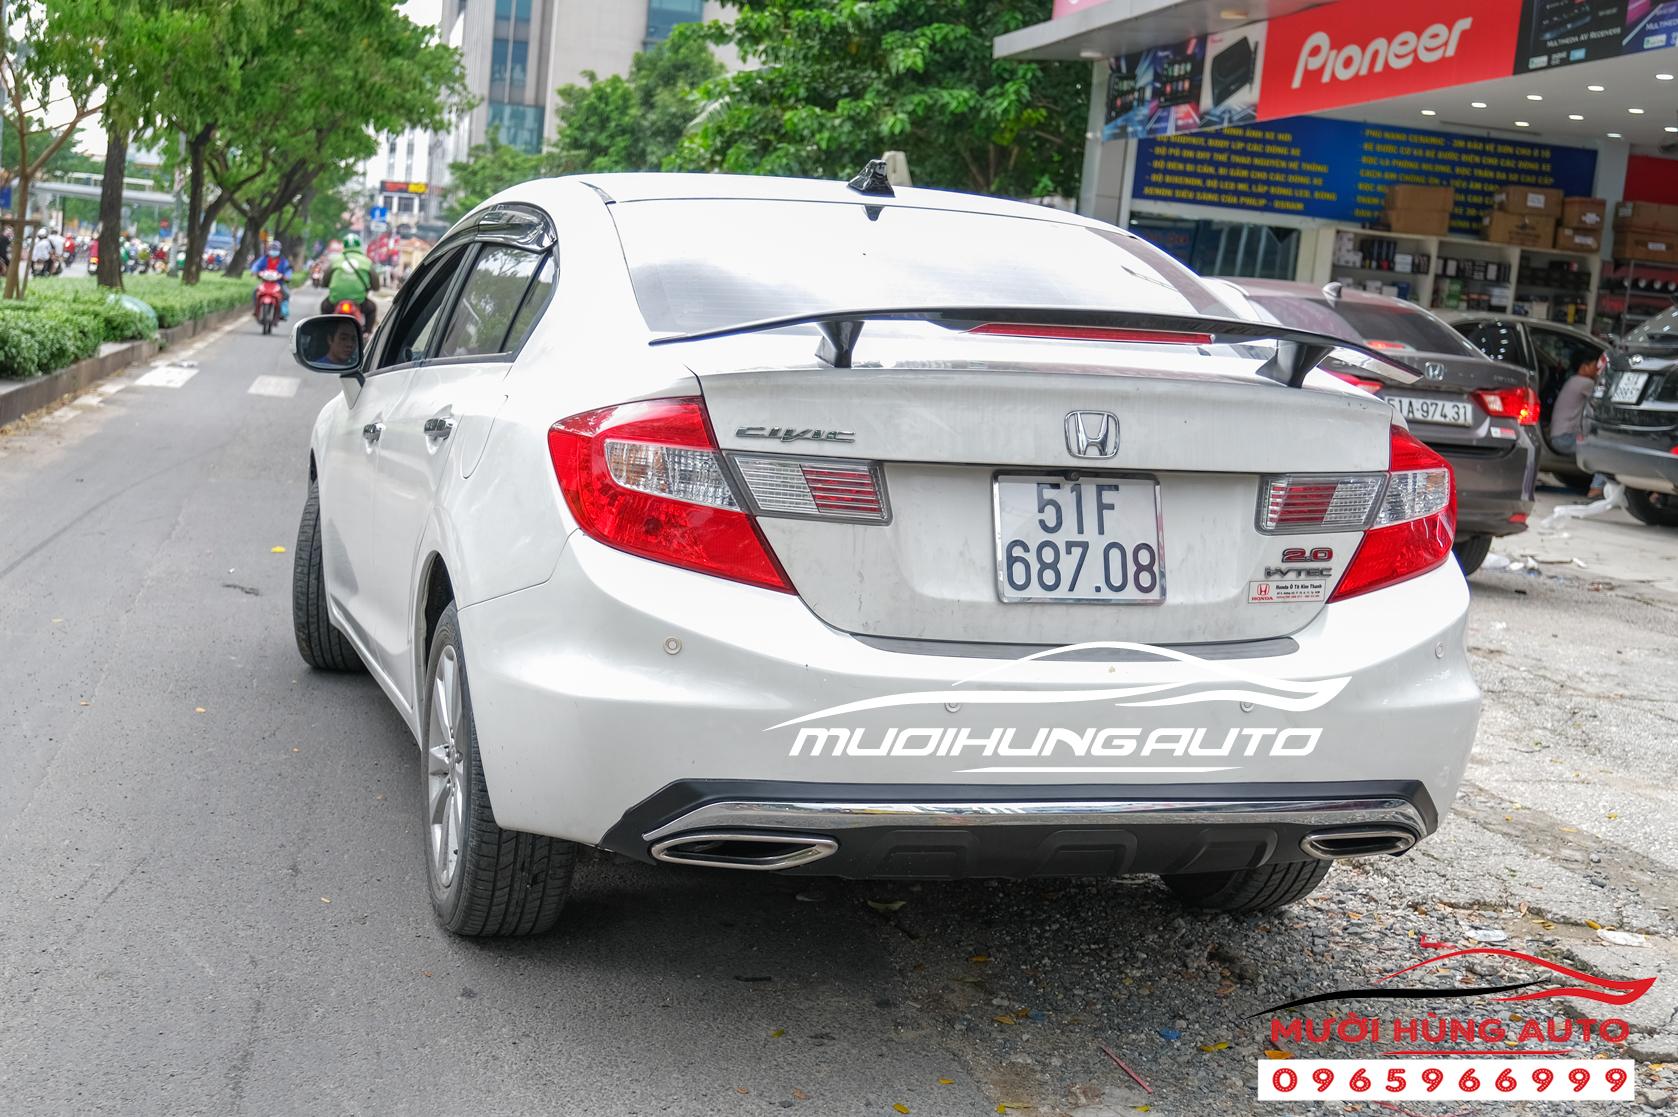 Độ pô gắn đuôi cá có đèn Honda Civic 2012 mẫu Mer GLC